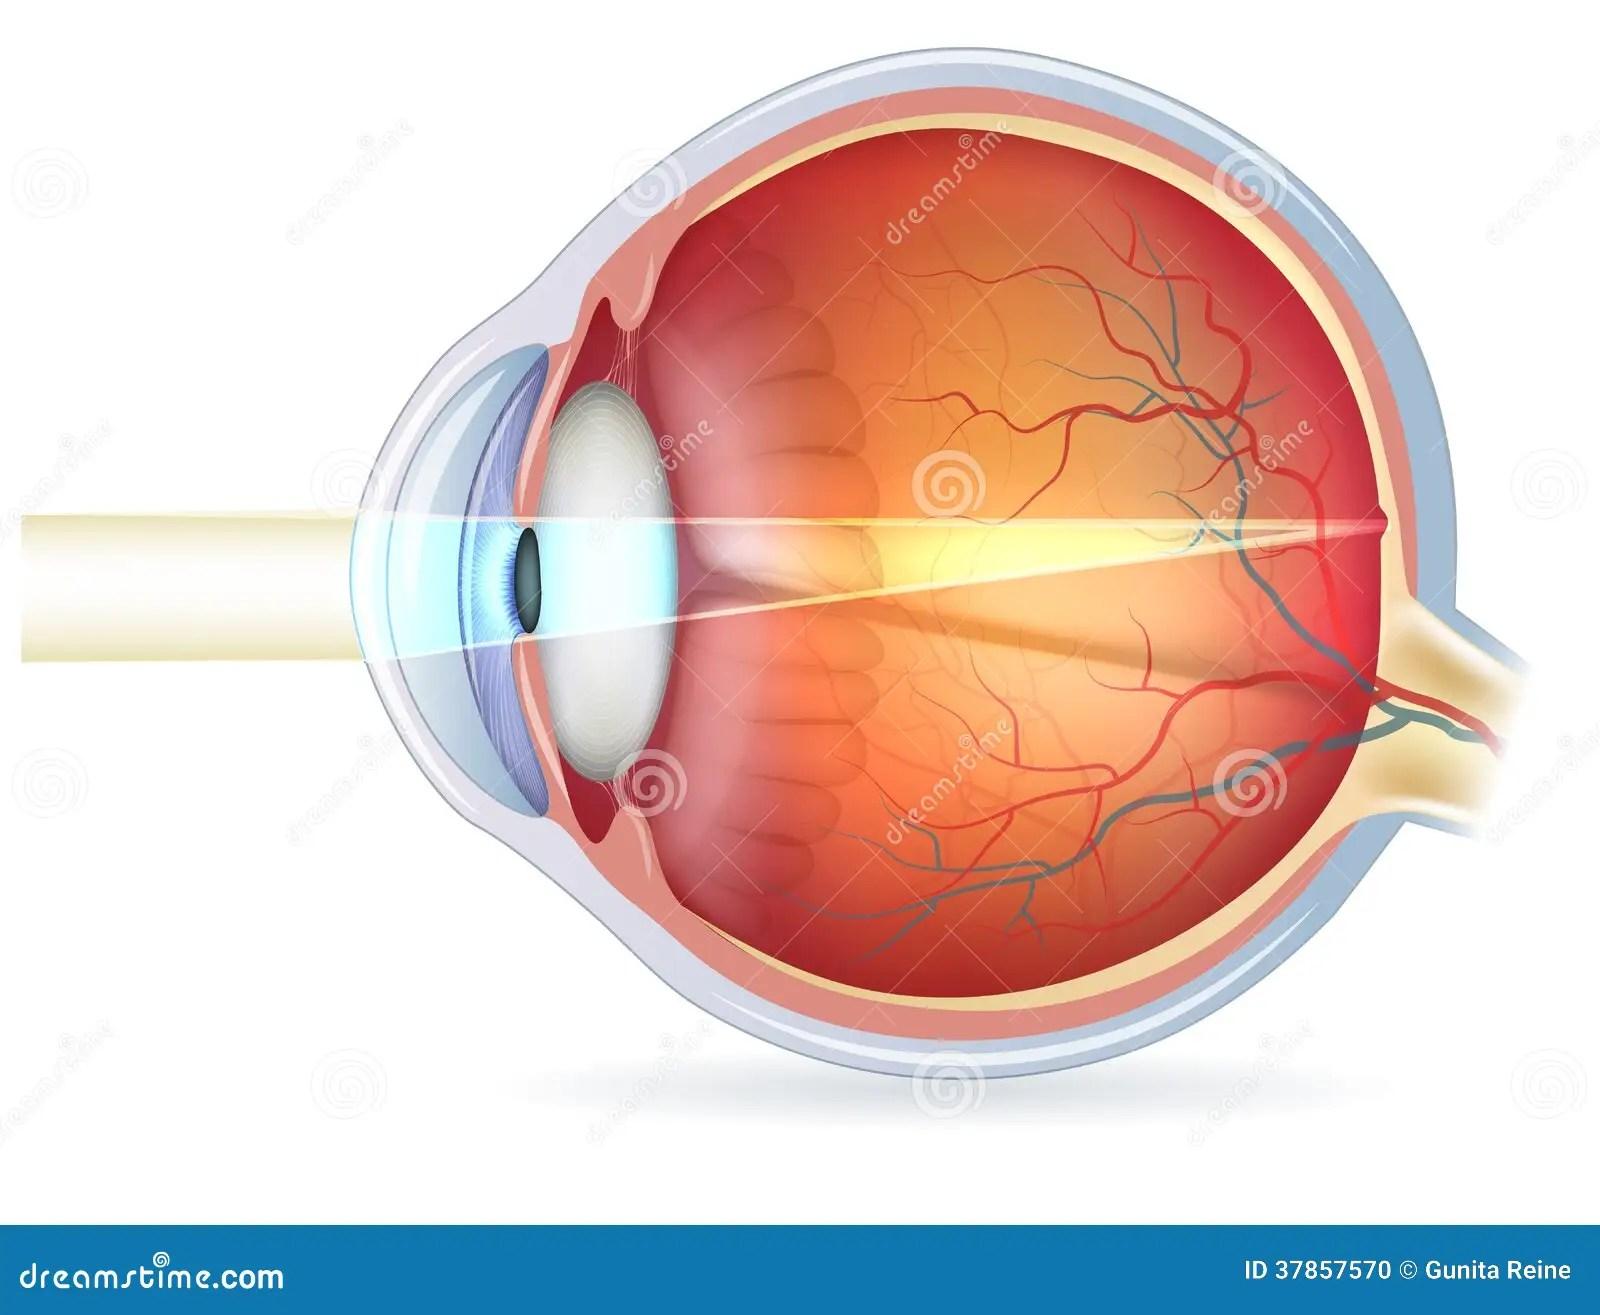 Ludzkiego Oka Przekroj Poprzeczny Normalny Wzrok Zdj Cie